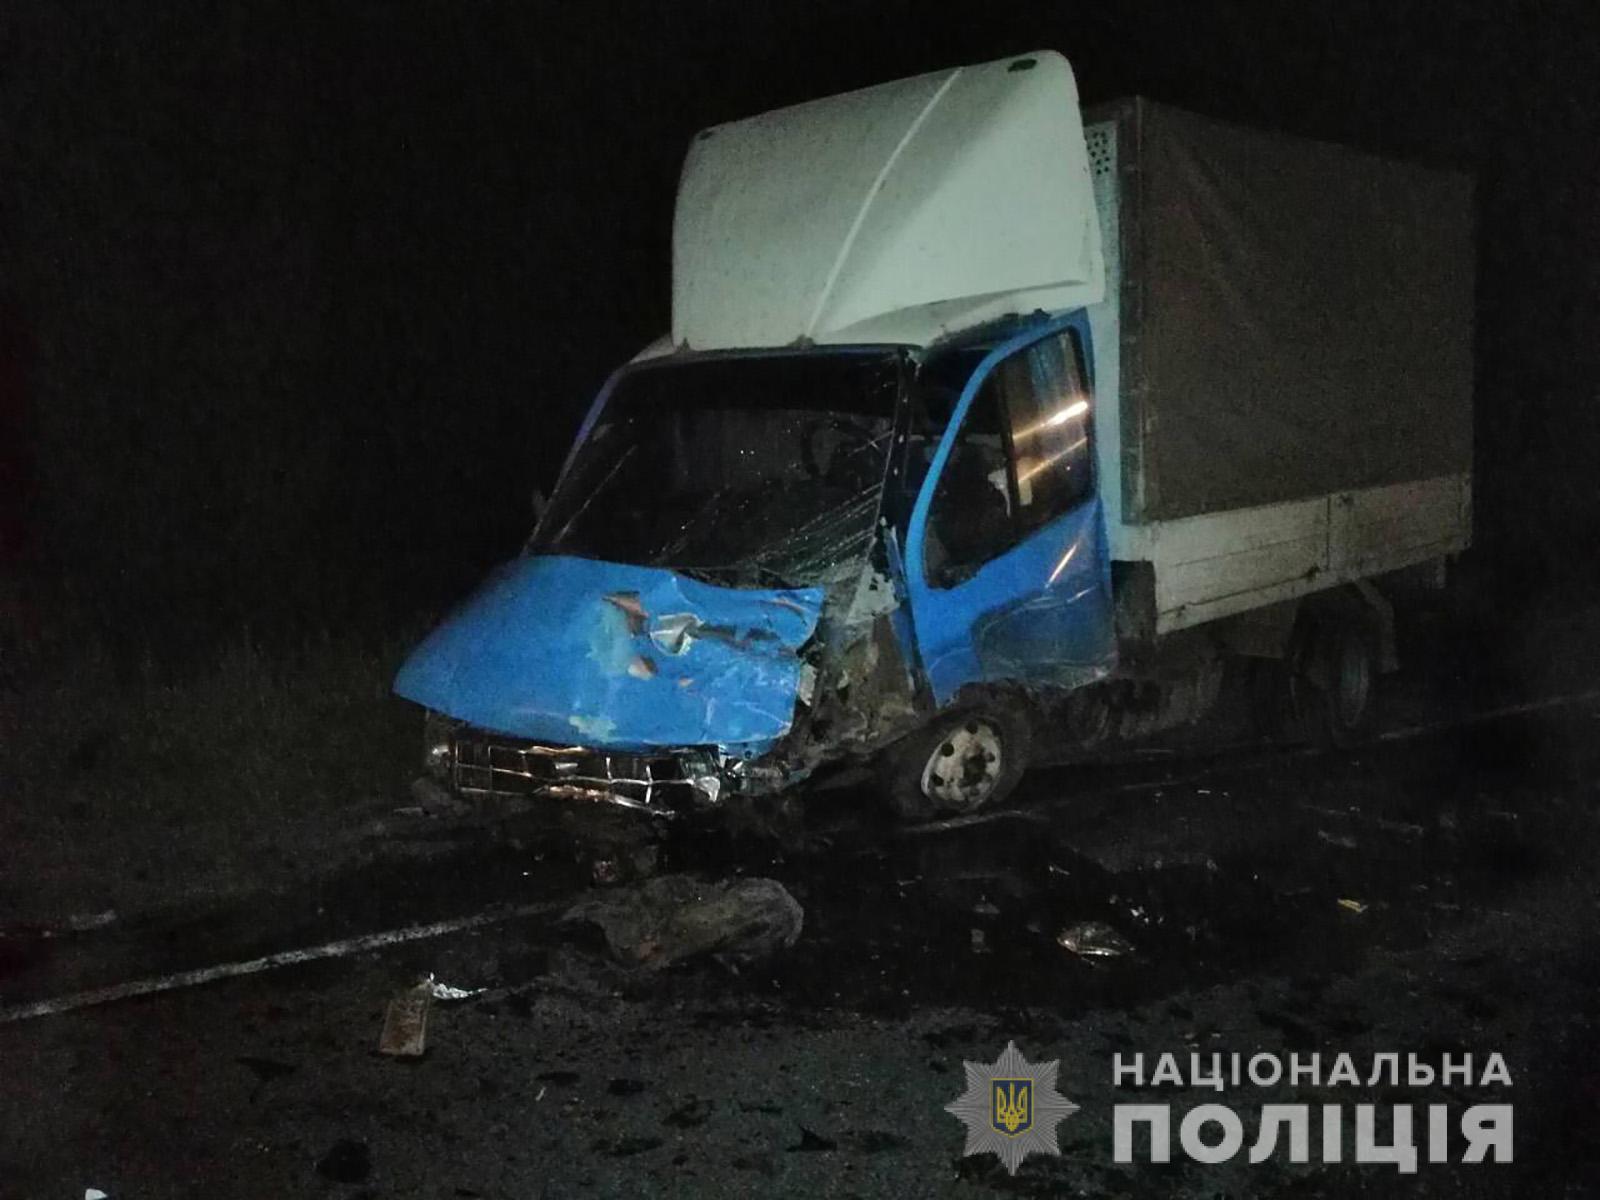 Під Запоріжжям сталося лобове зіткнення двох автівок: опубліковані фото